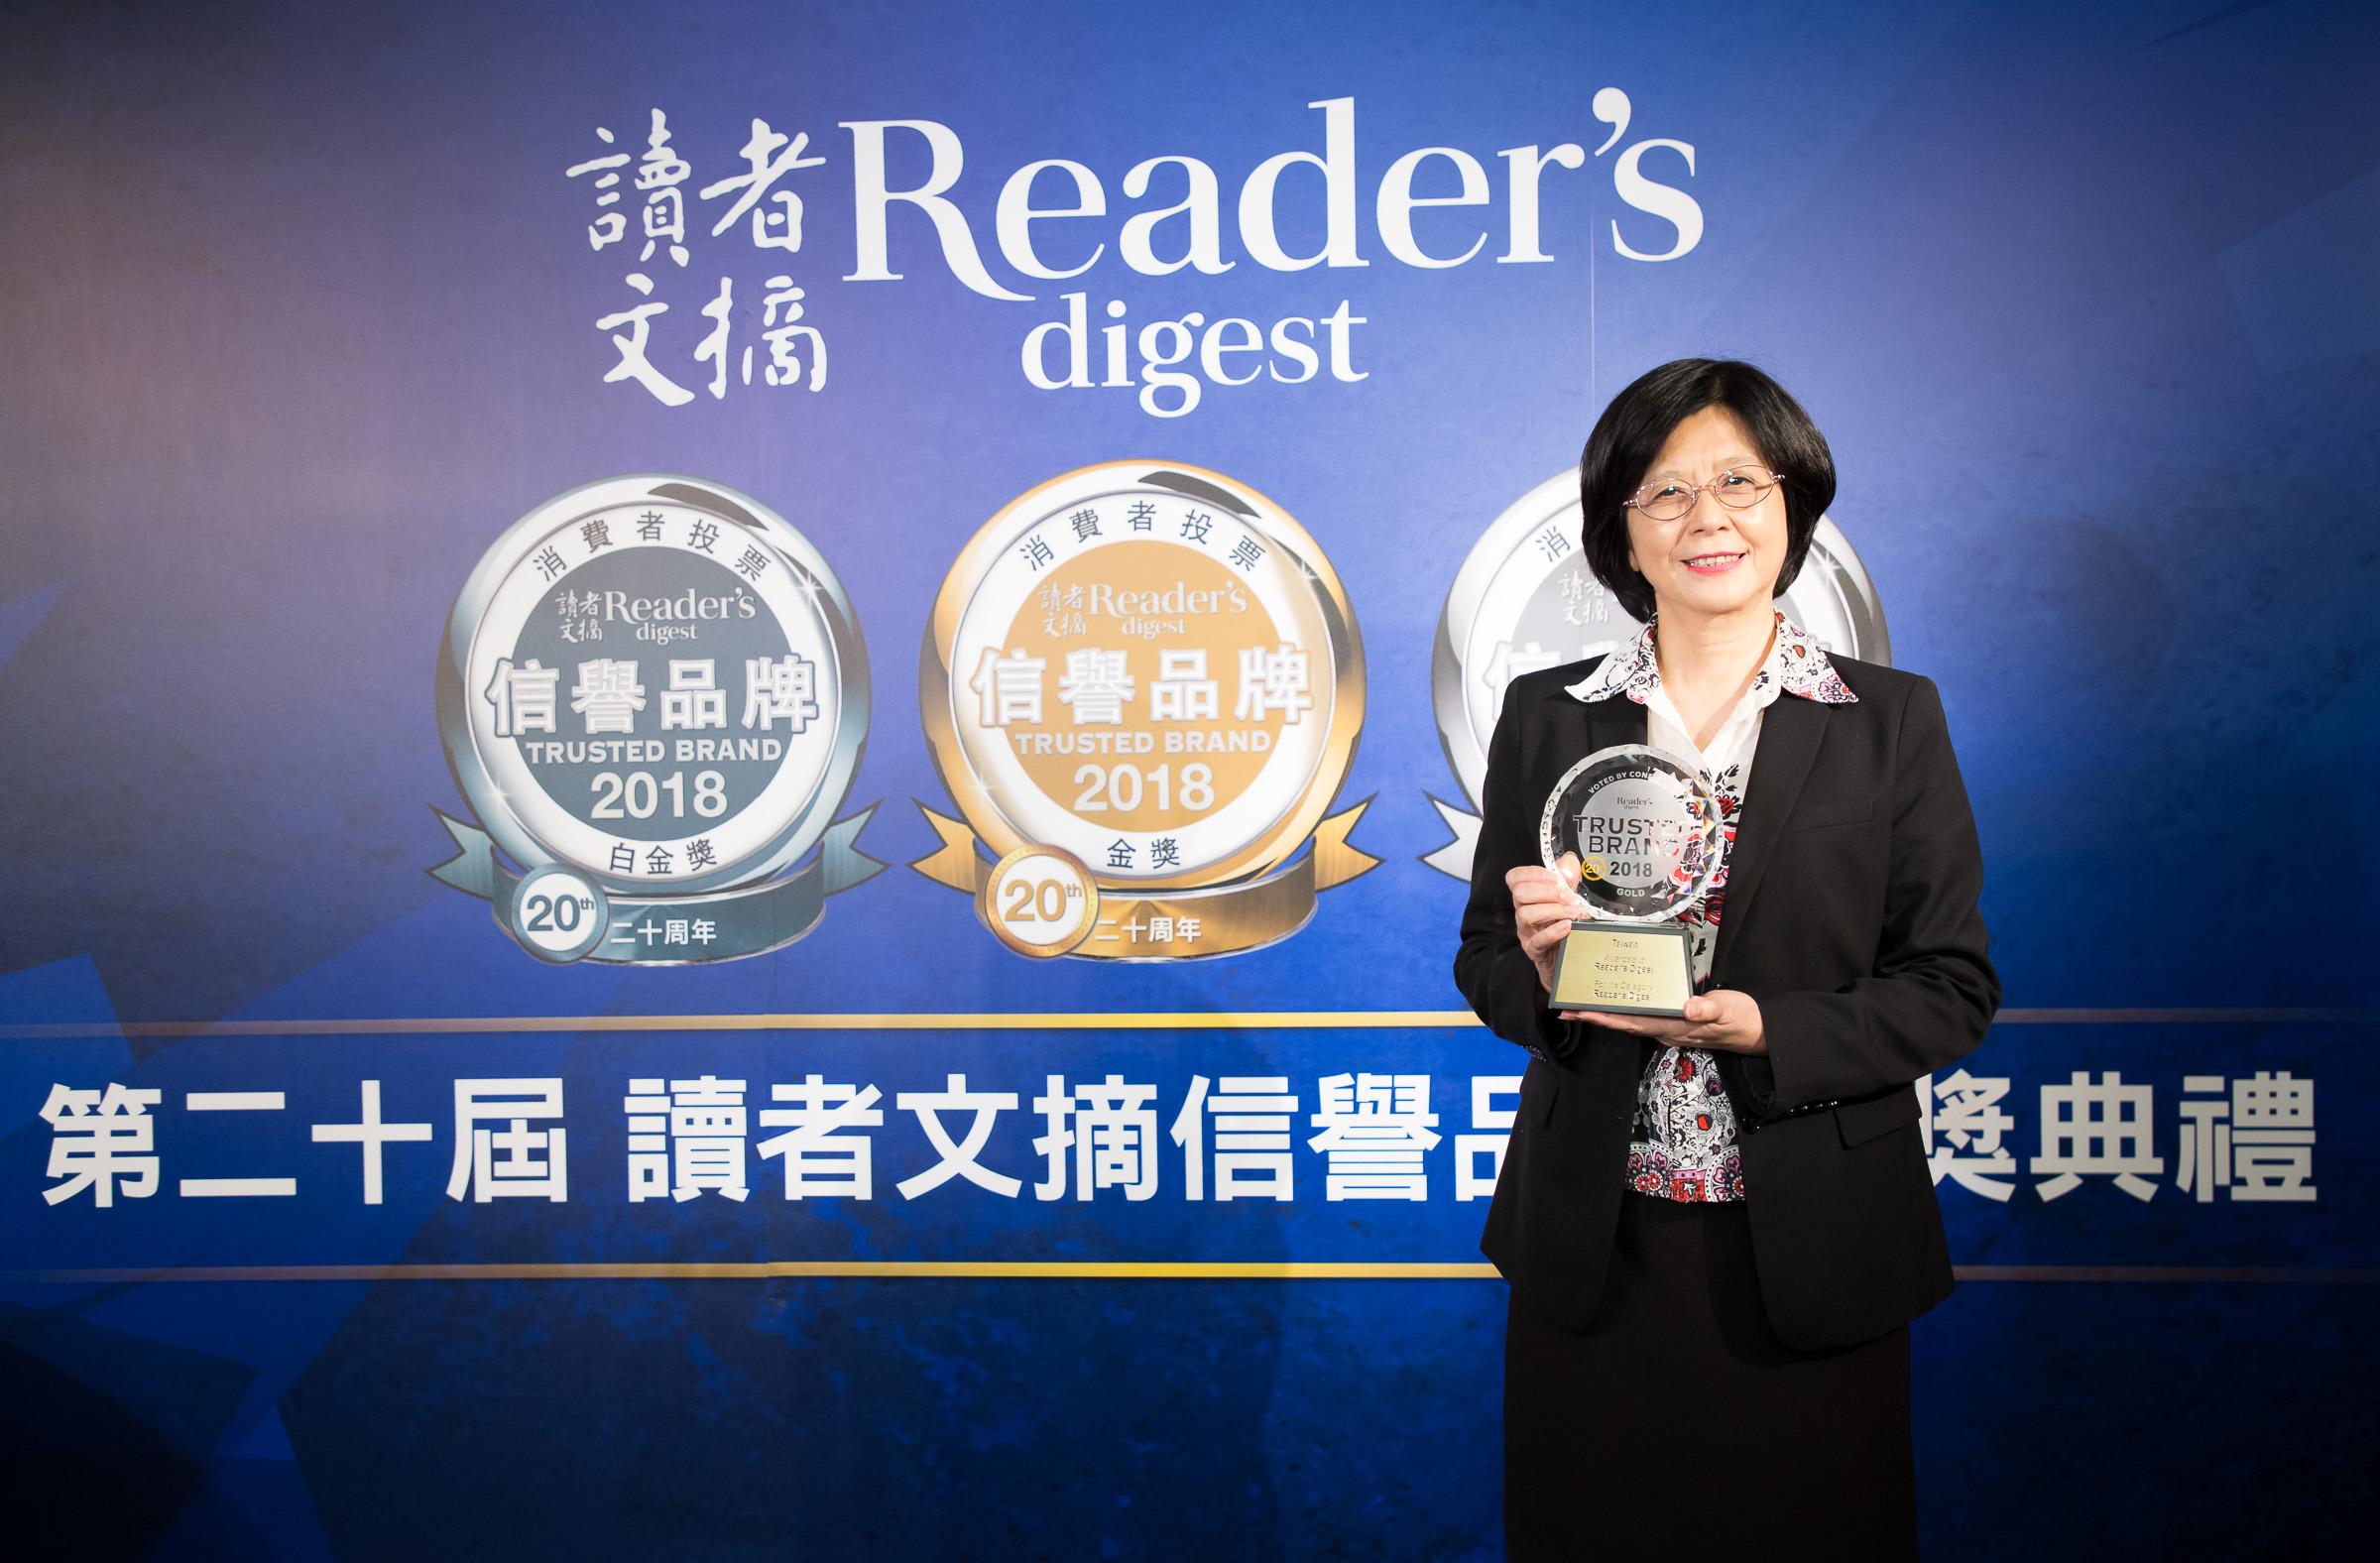 台灣人壽榮獲「2018信譽品牌獎」保險公司類金獎,由台灣人壽客戶服務處副總經理許瑞珍出席代表領獎。/台灣人壽提供